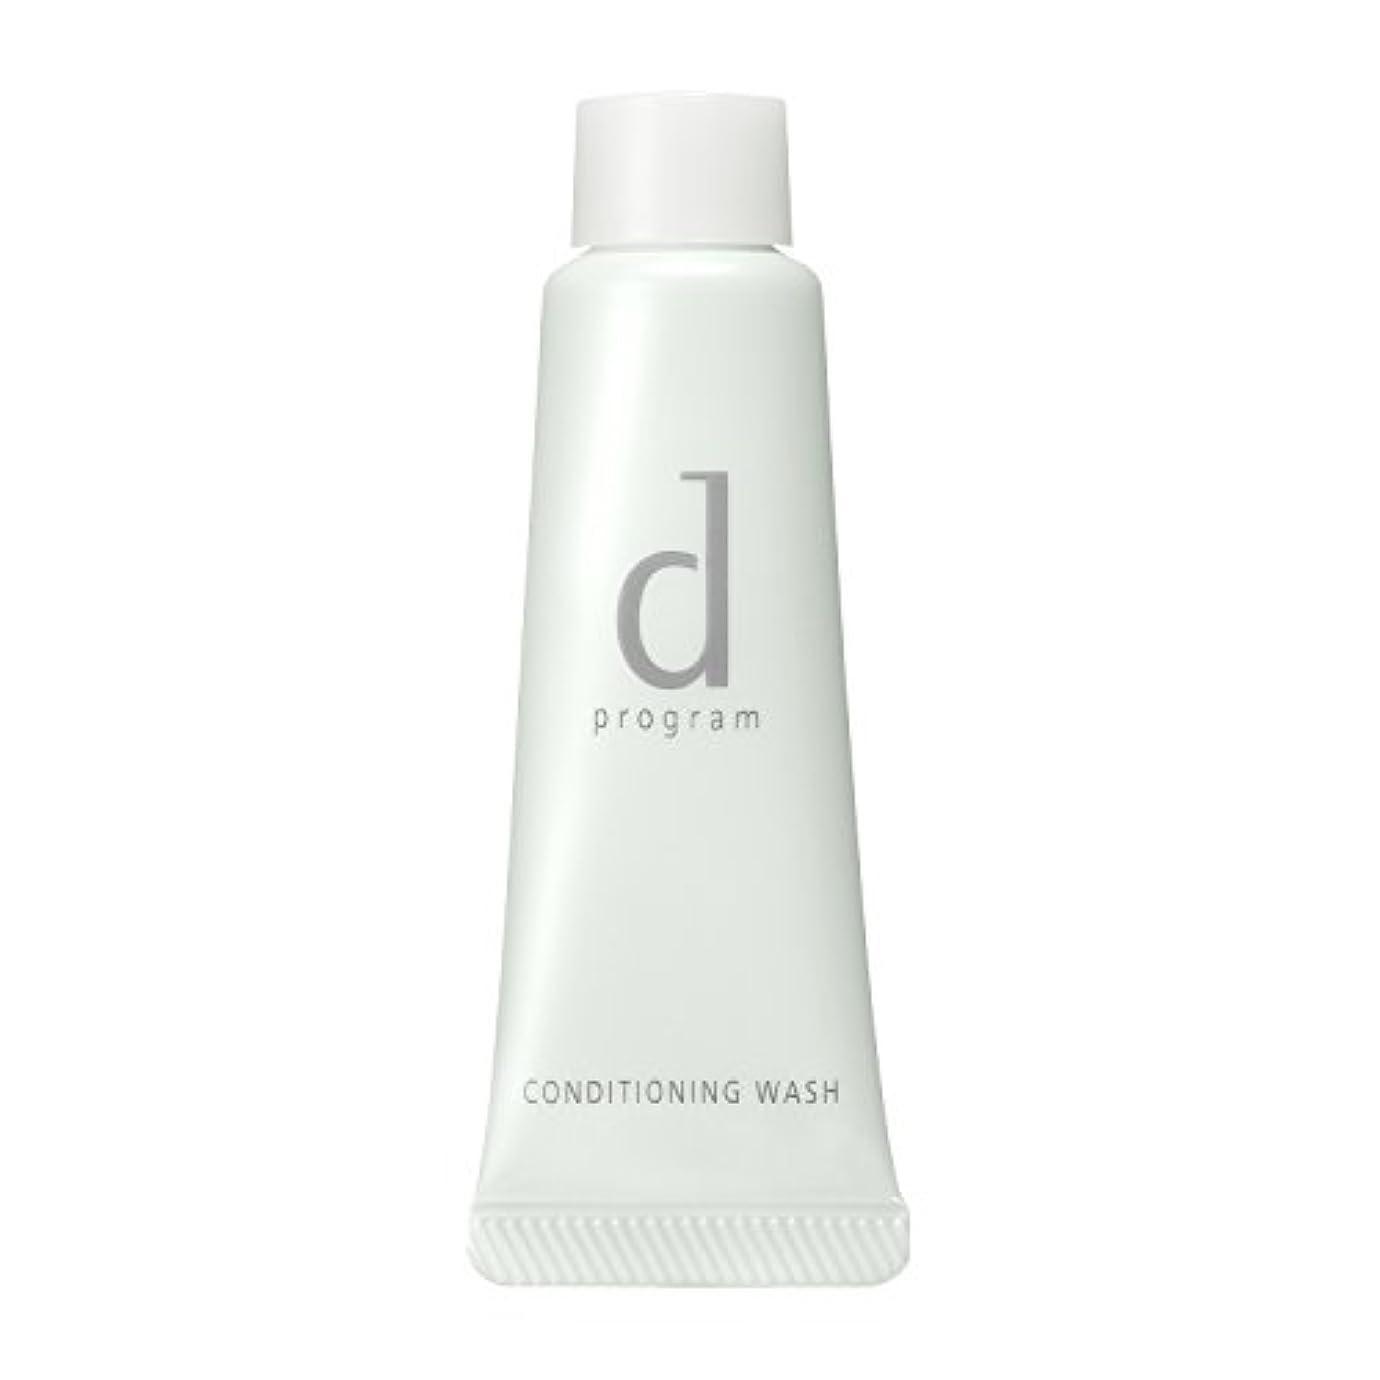 状態保存するアジア人d プログラム コンディショニングウォッシュ 洗顔フォーム (トライアルサイズ) 20g